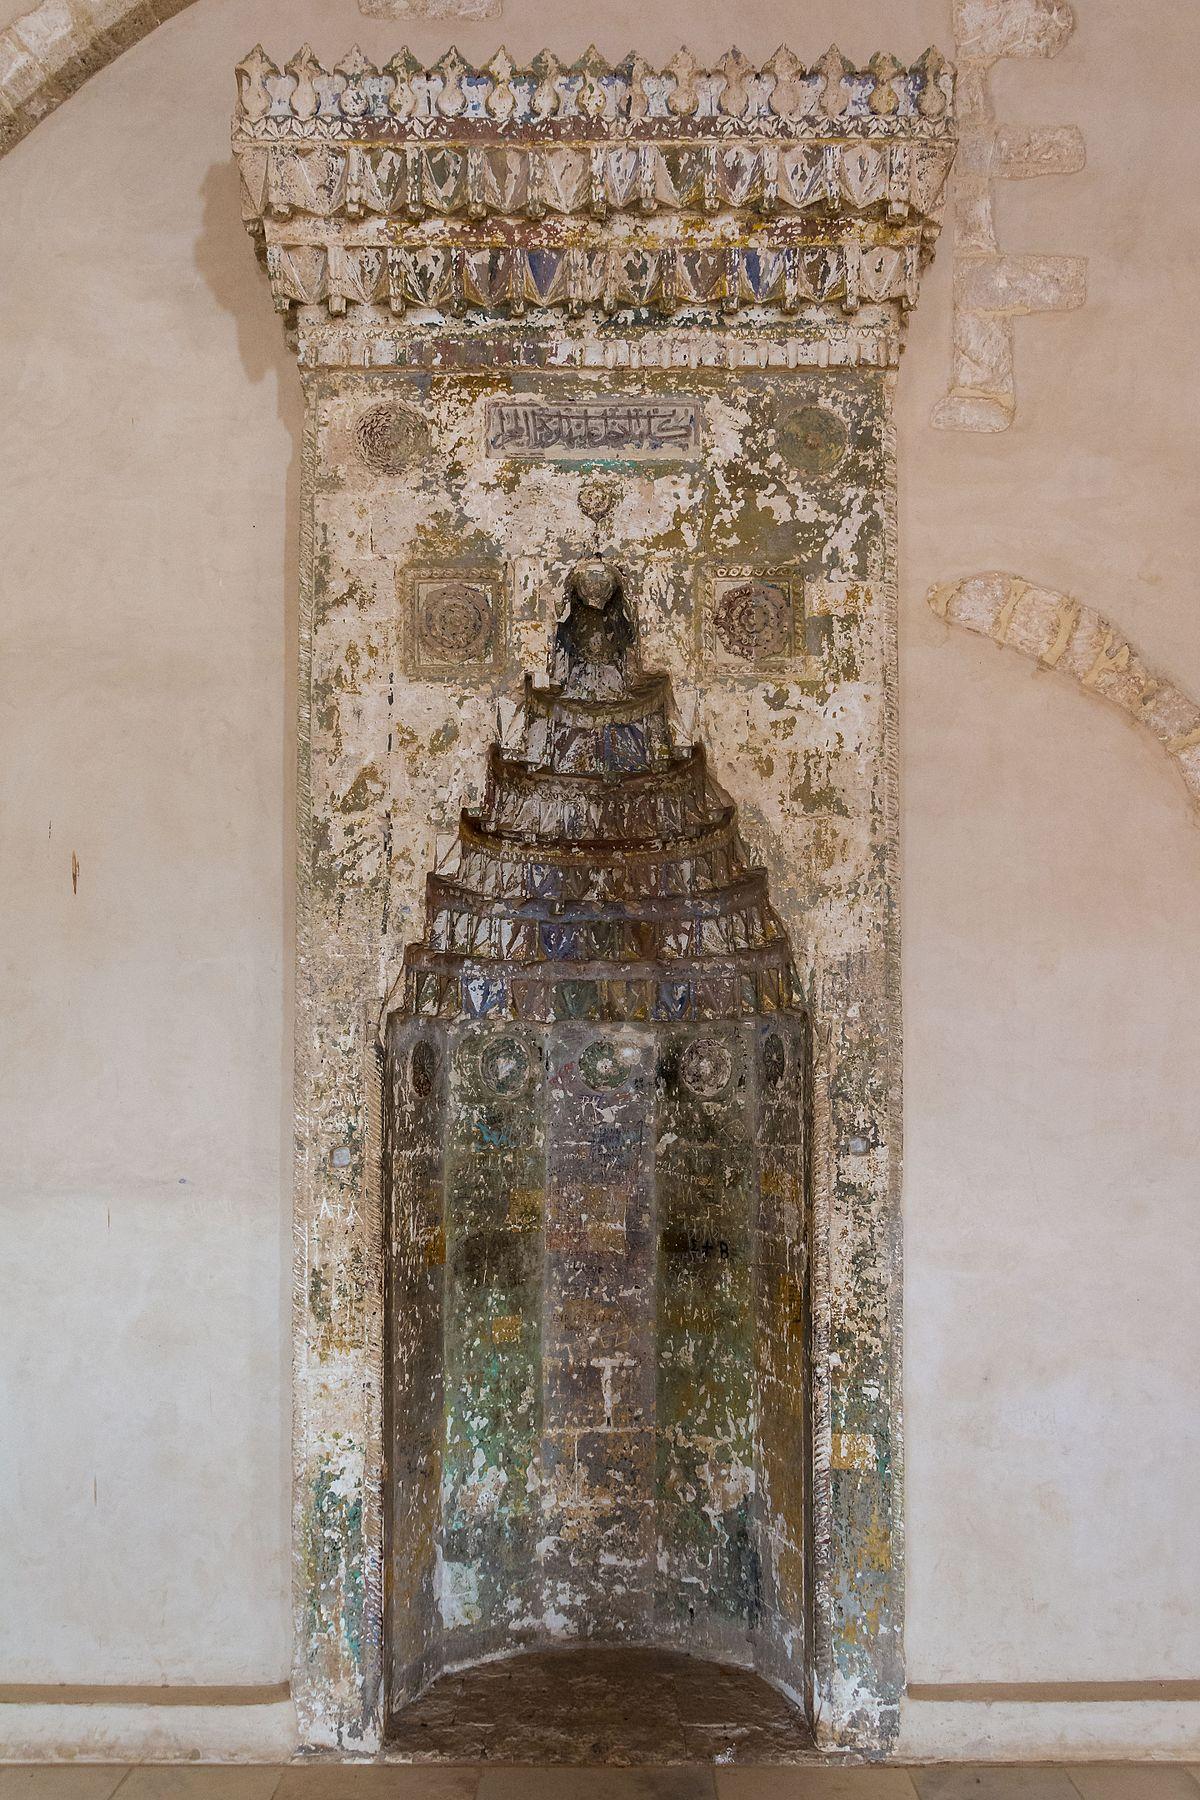 Mihrab - Wikipedia